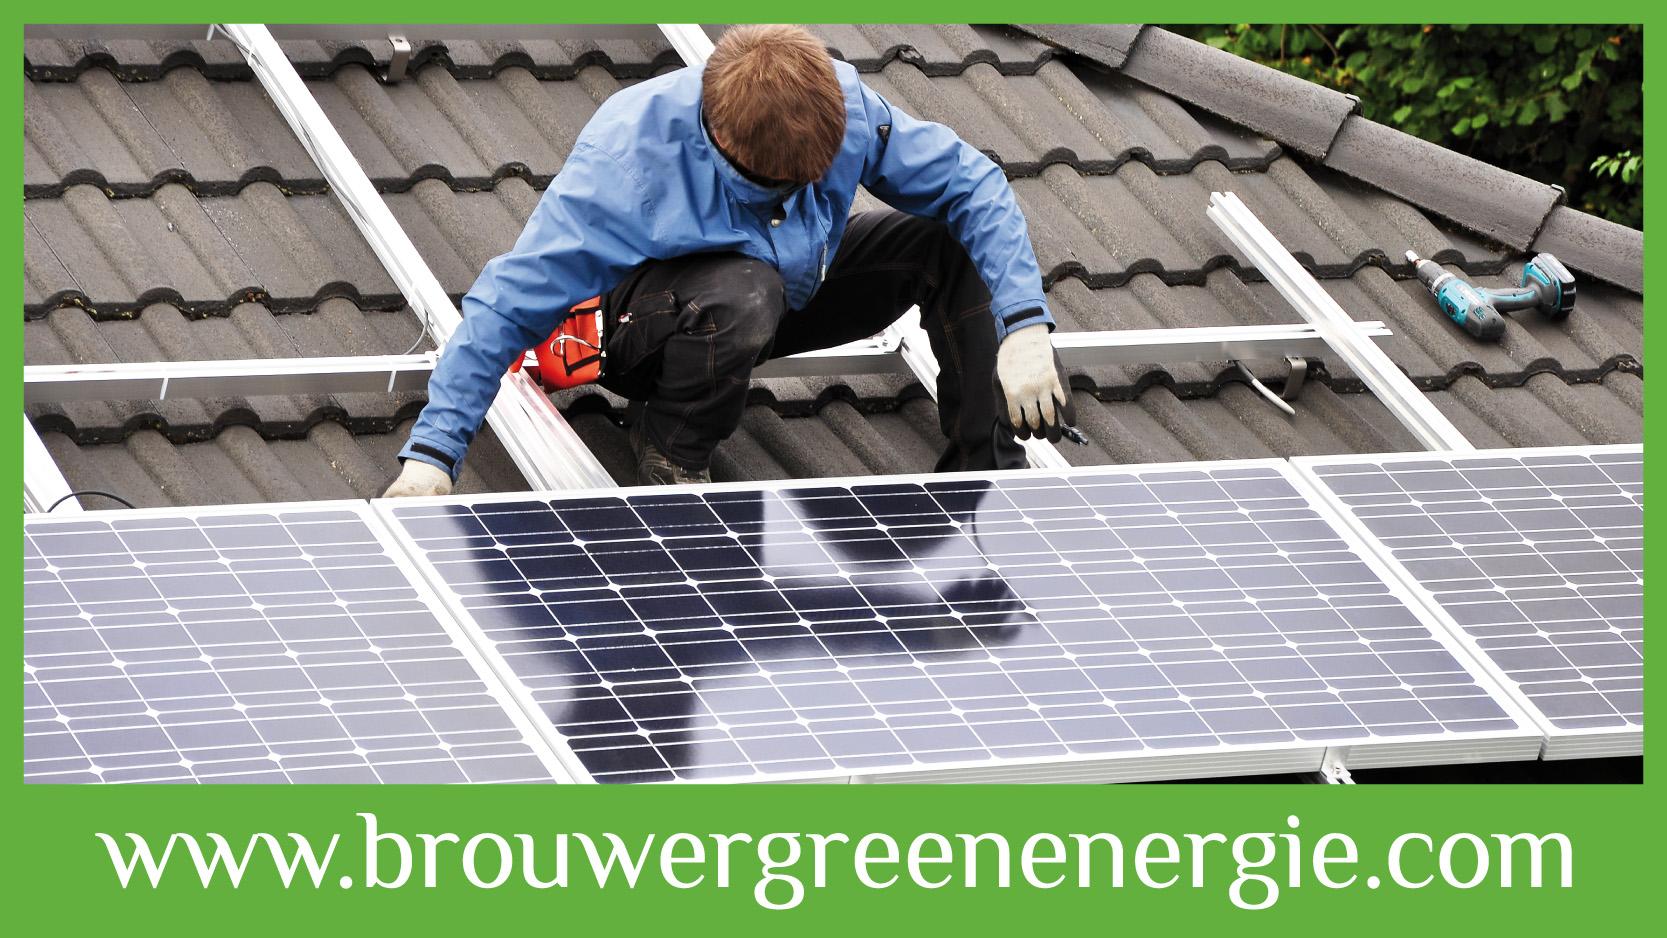 Brouwer Green Energie